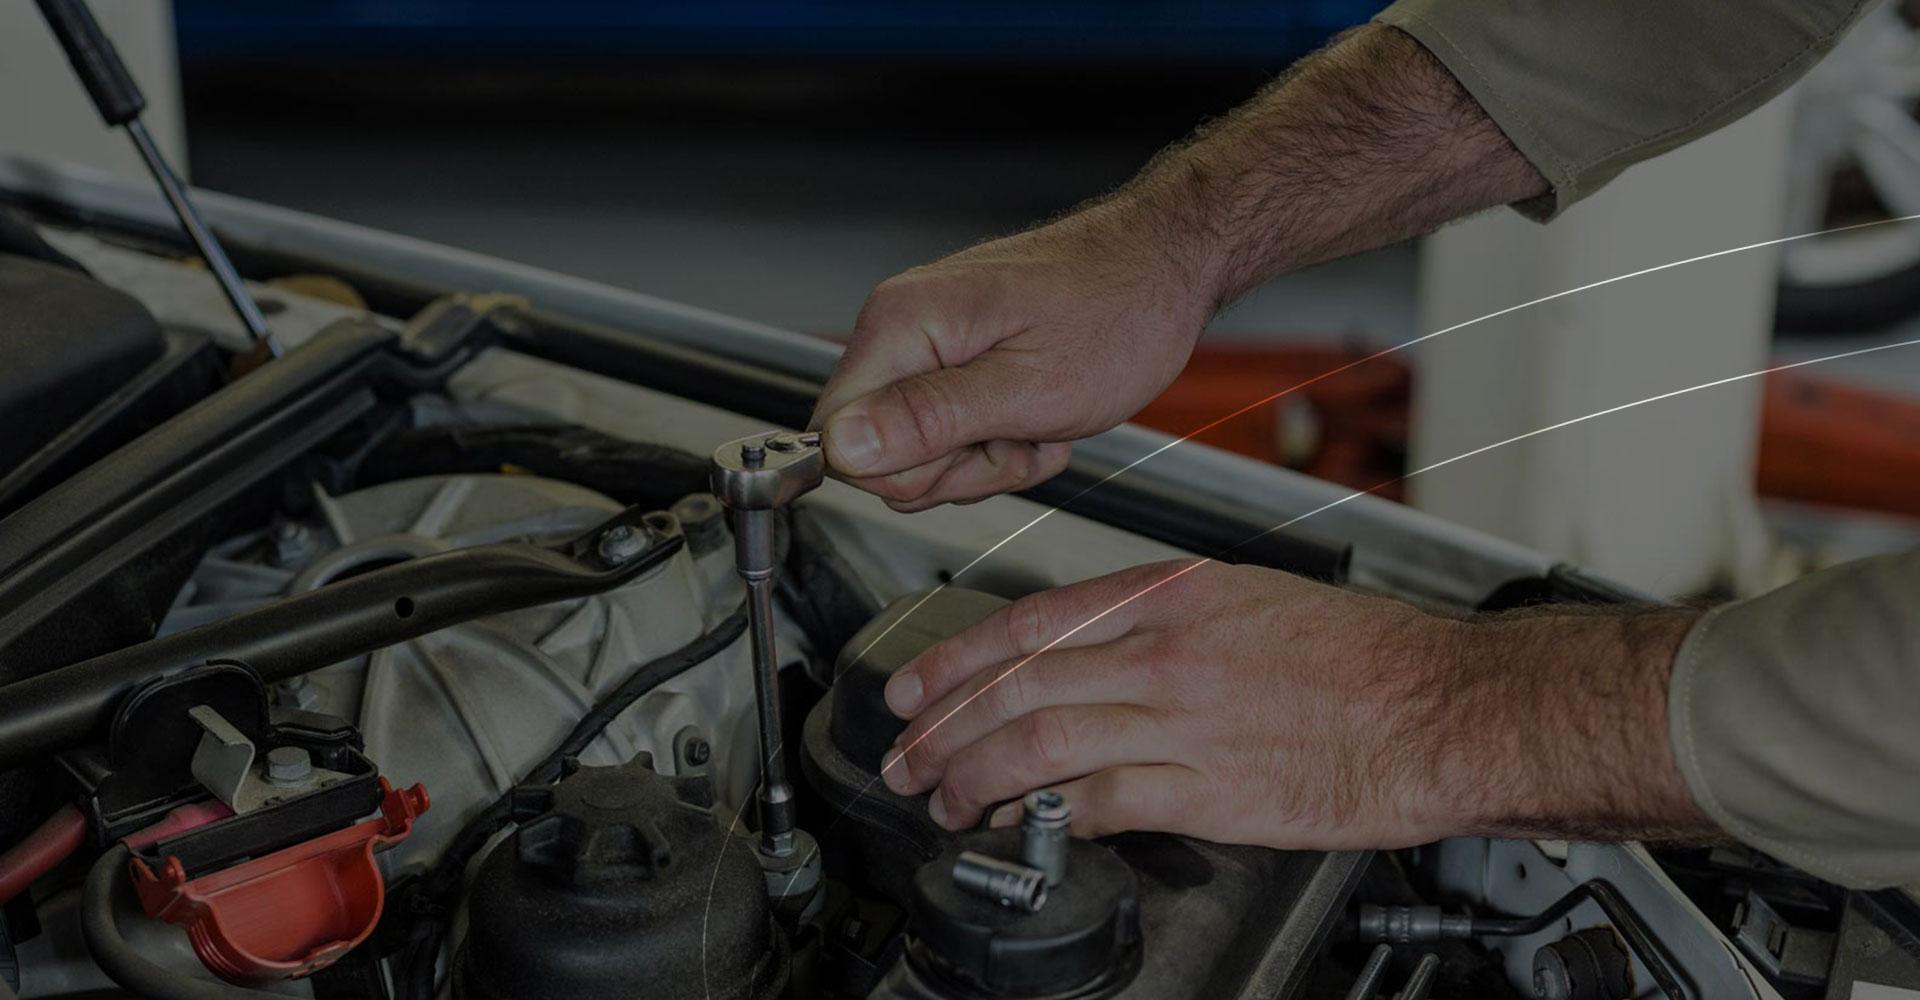 Auto Mecânica JV fazendo o melhor serviço de manutenção em veículos para Botucatu e toda região.